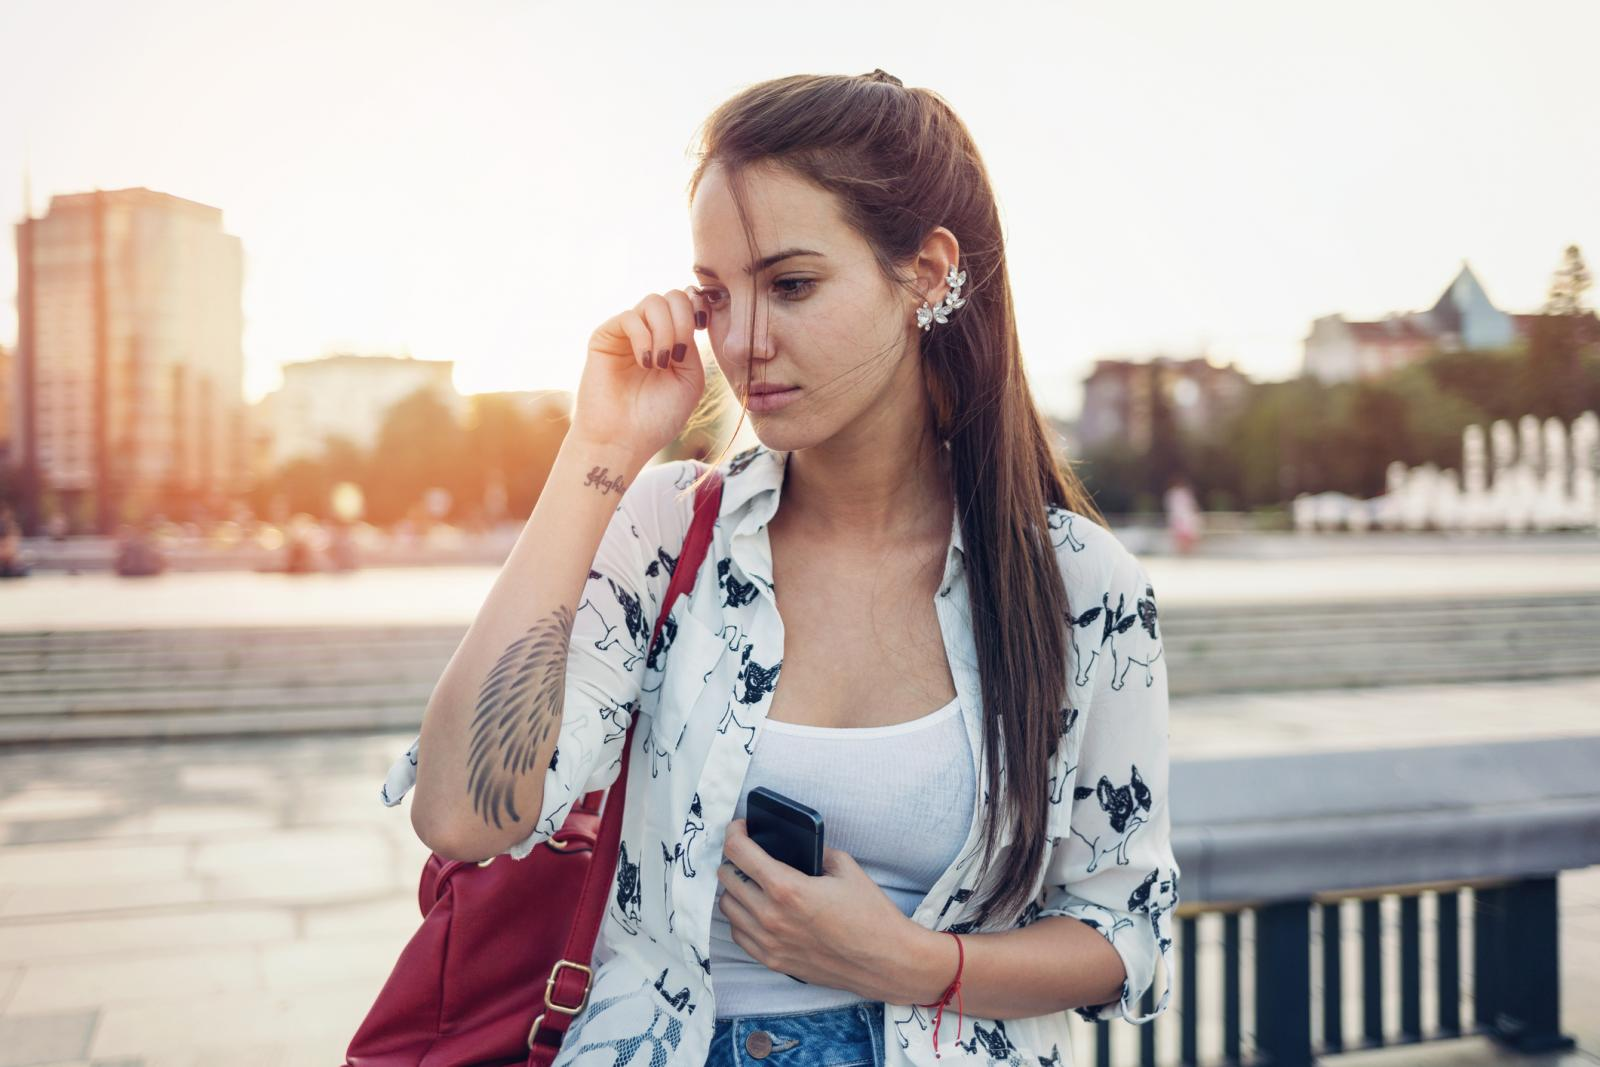 Iako se većina ljudi osjeća bolje kad se isplače, postoje i oni kojima suze samo pogoršaju emocionalno stanje.